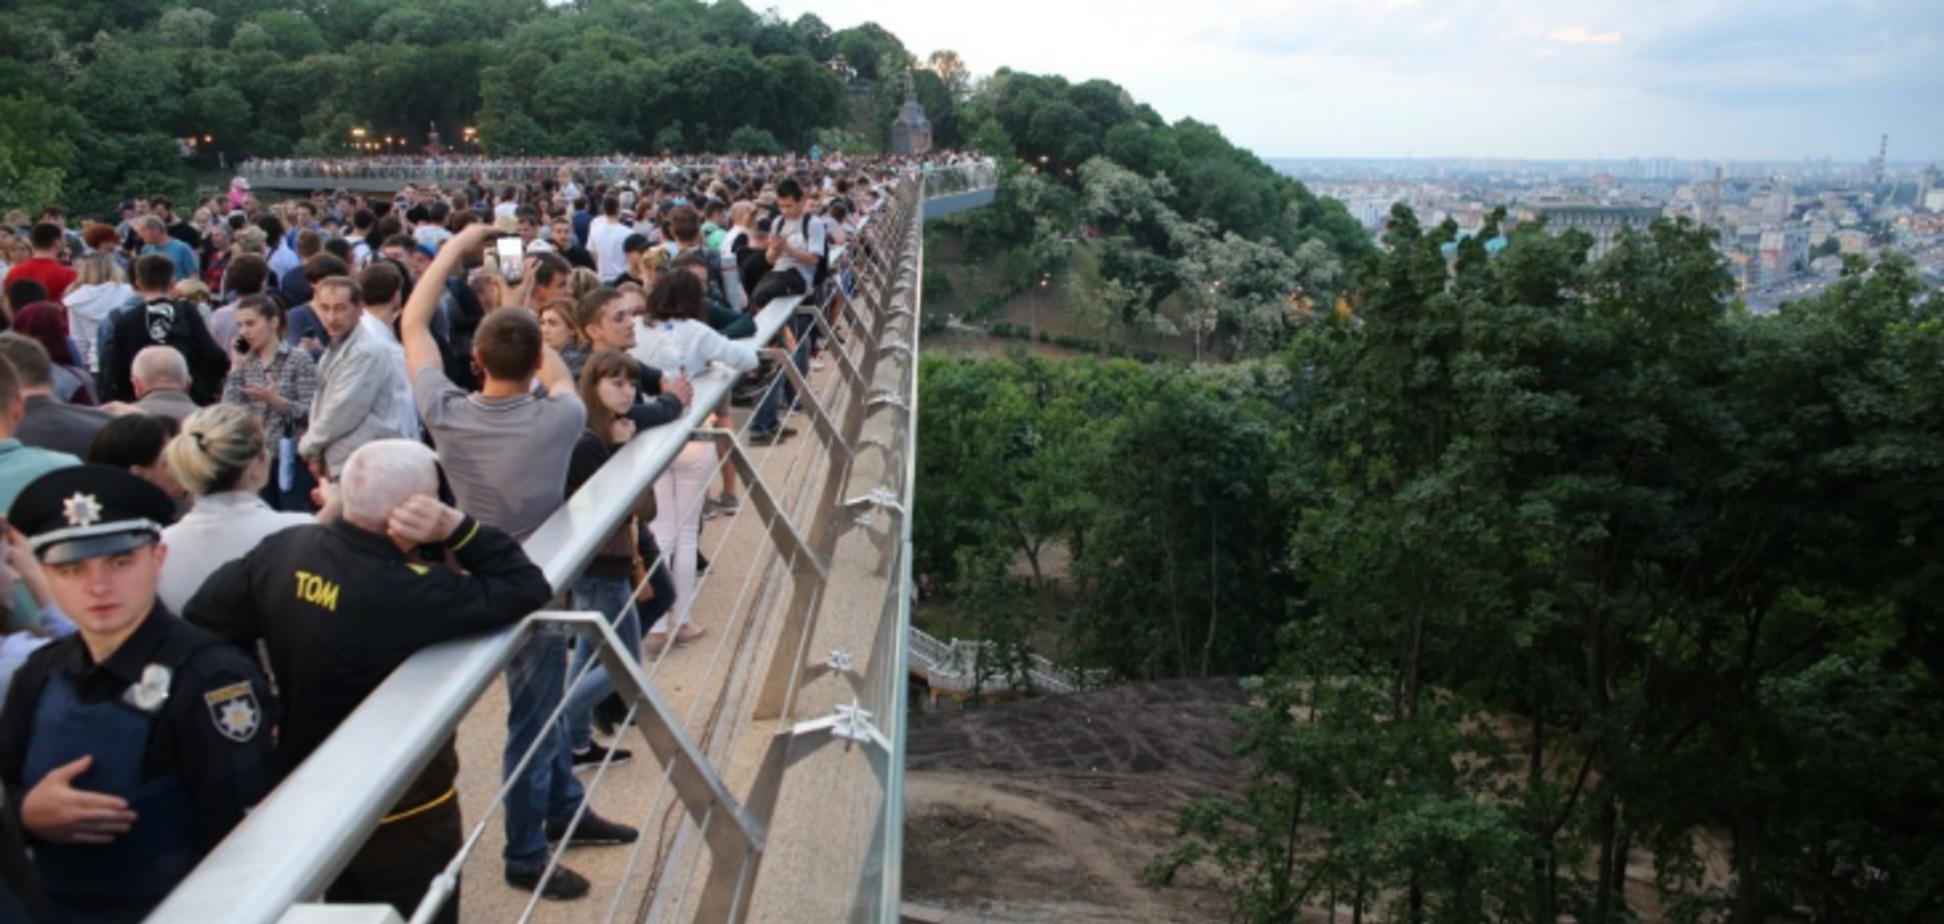 Кличко рассказал, как решат проблему с вандалами на новом стеклянном мосту